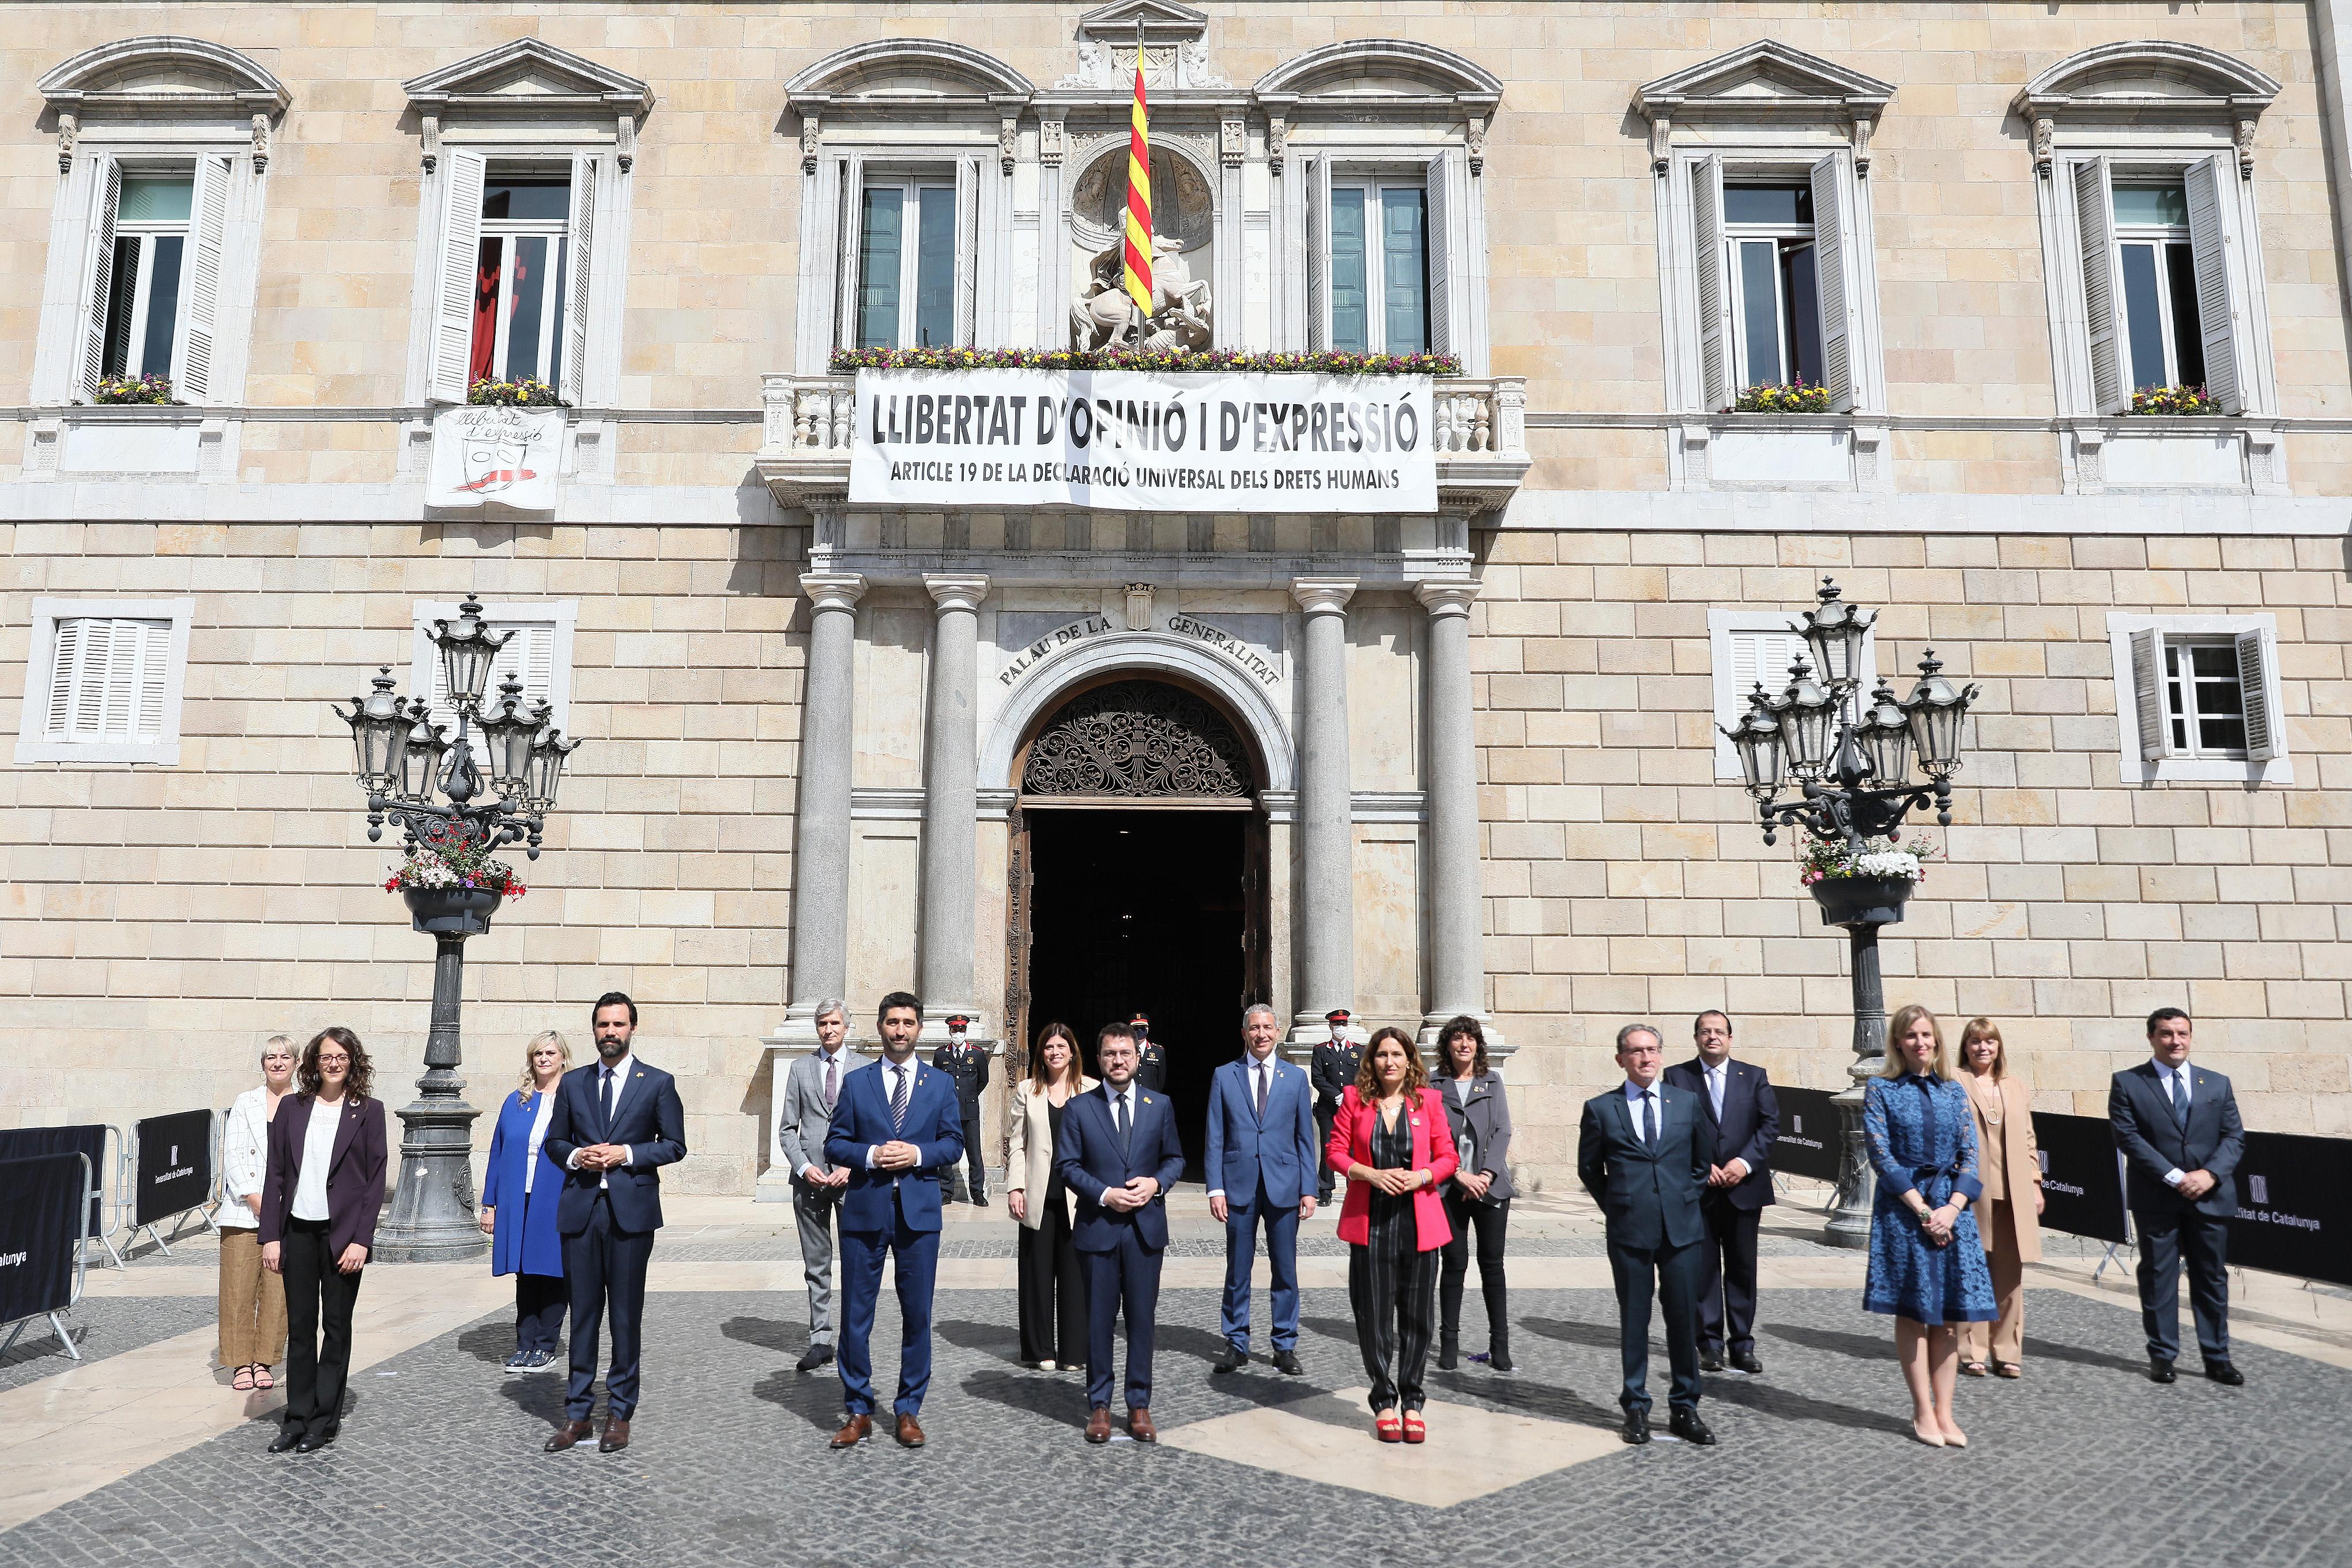 Fotografia oficial del Govern. Autor: Jordi Bedmar